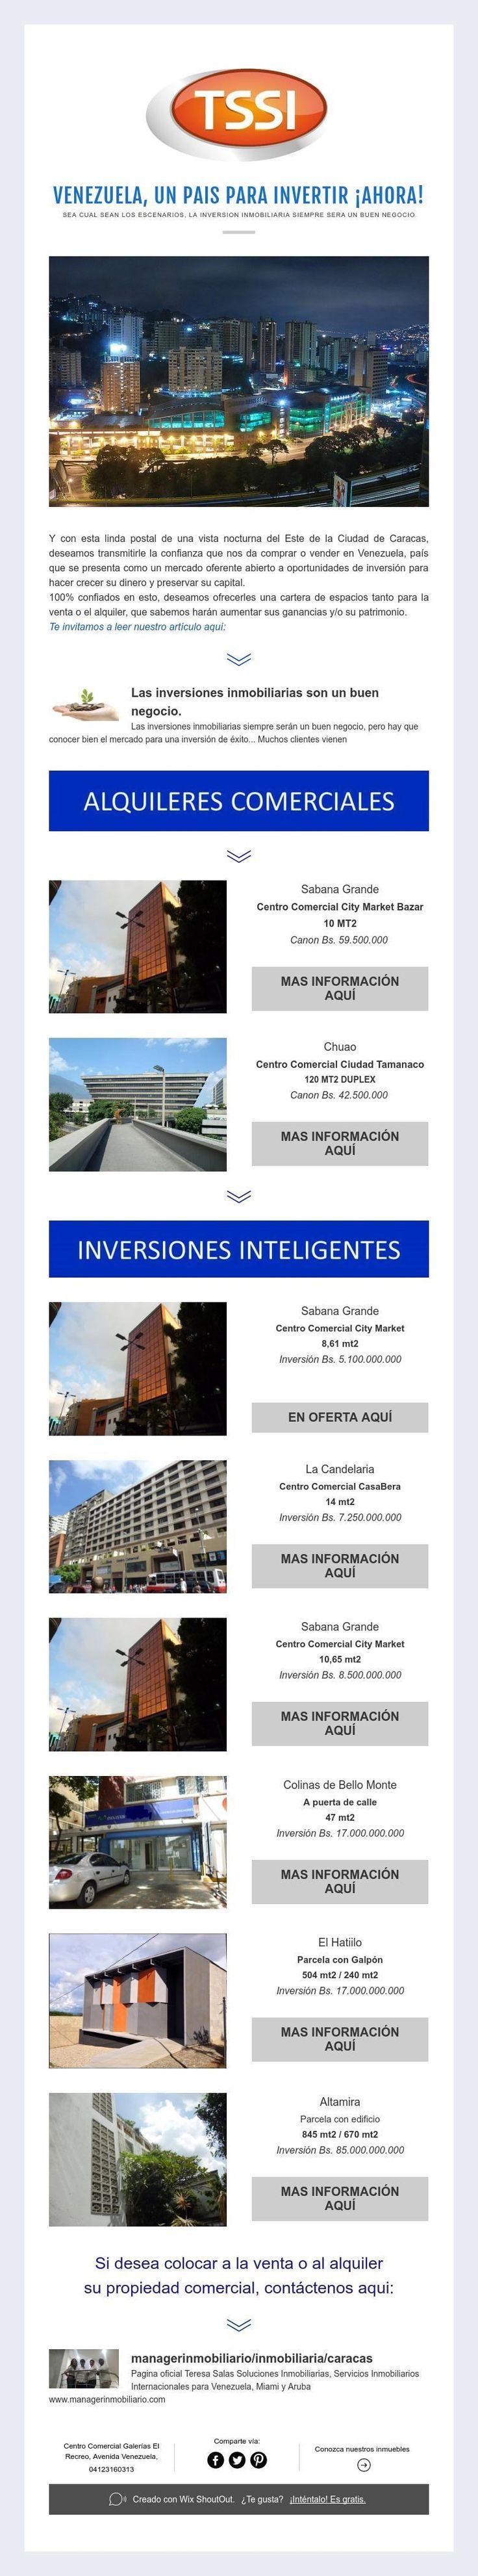 VENEZUELA, UN PAIS PARA INVERTIR ¡AHORA!  SEA CUAL SEAN LOS ESCENARIOS, LA INVERSION INMOBILIARIA SIEMPRE SERAUN BUEN NEGOCIO